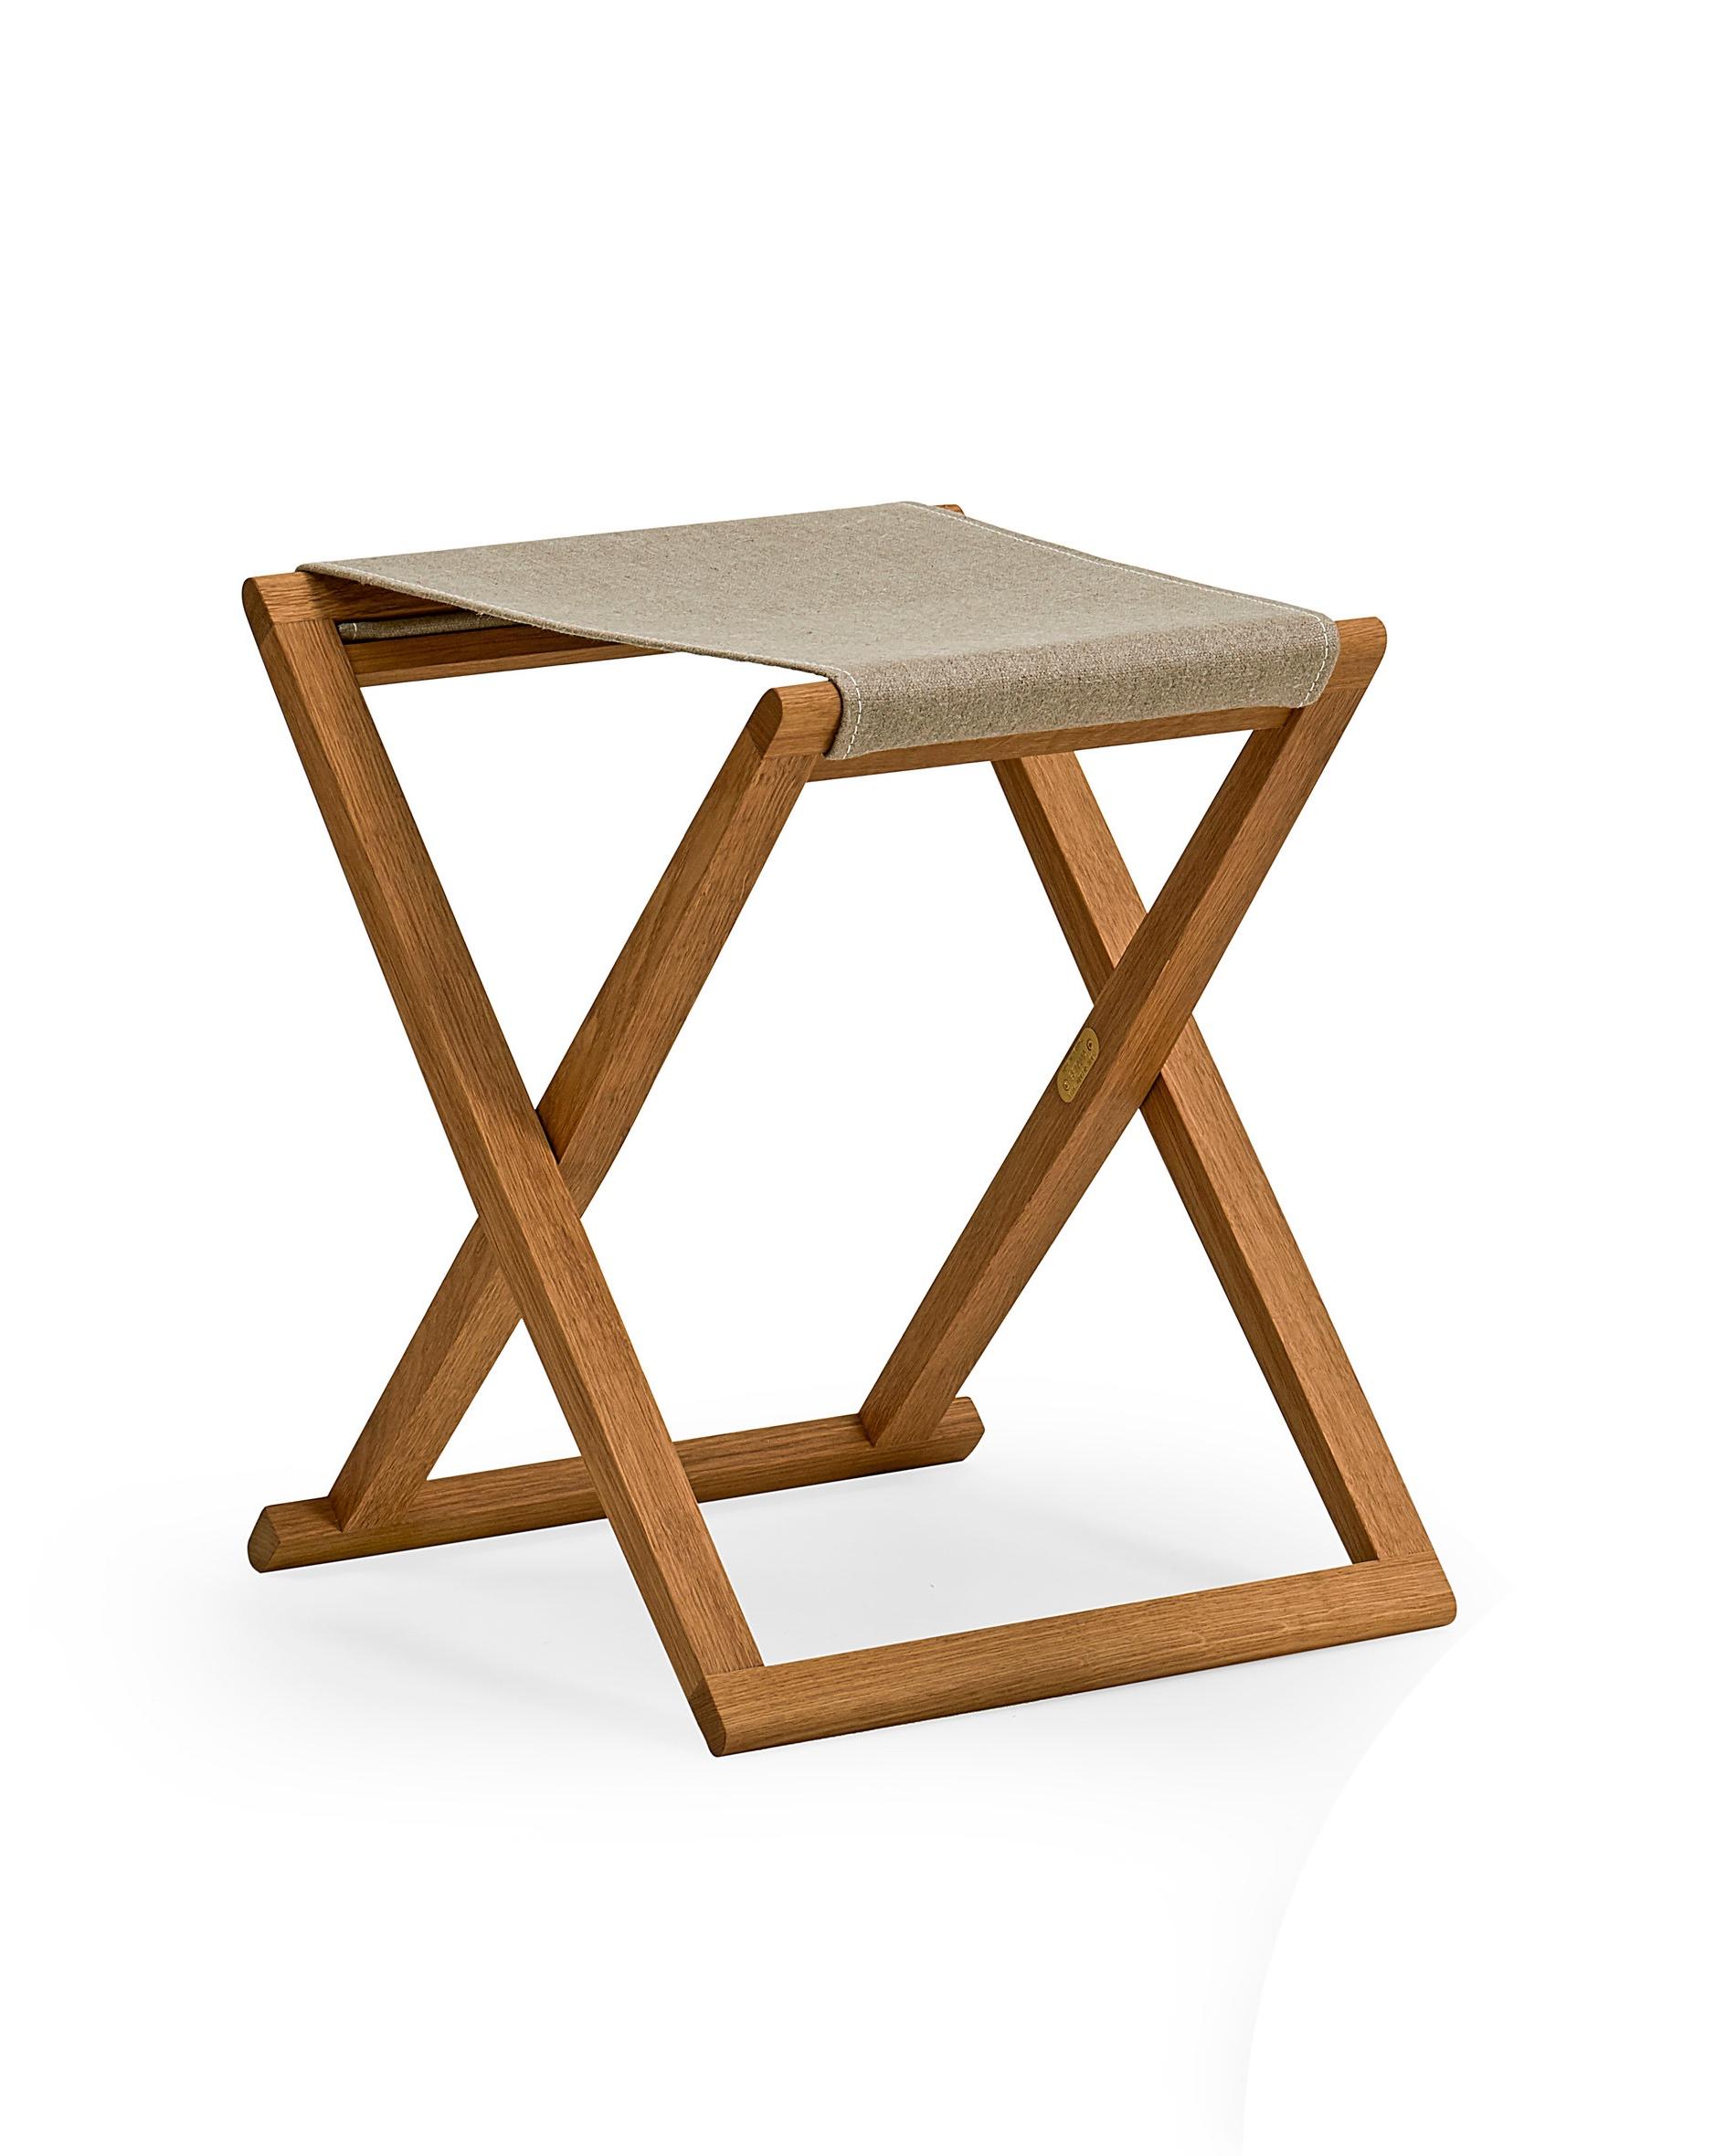 getama_mogens_koch_mk30_folding_stool_gestalt_new_york_2.jpg